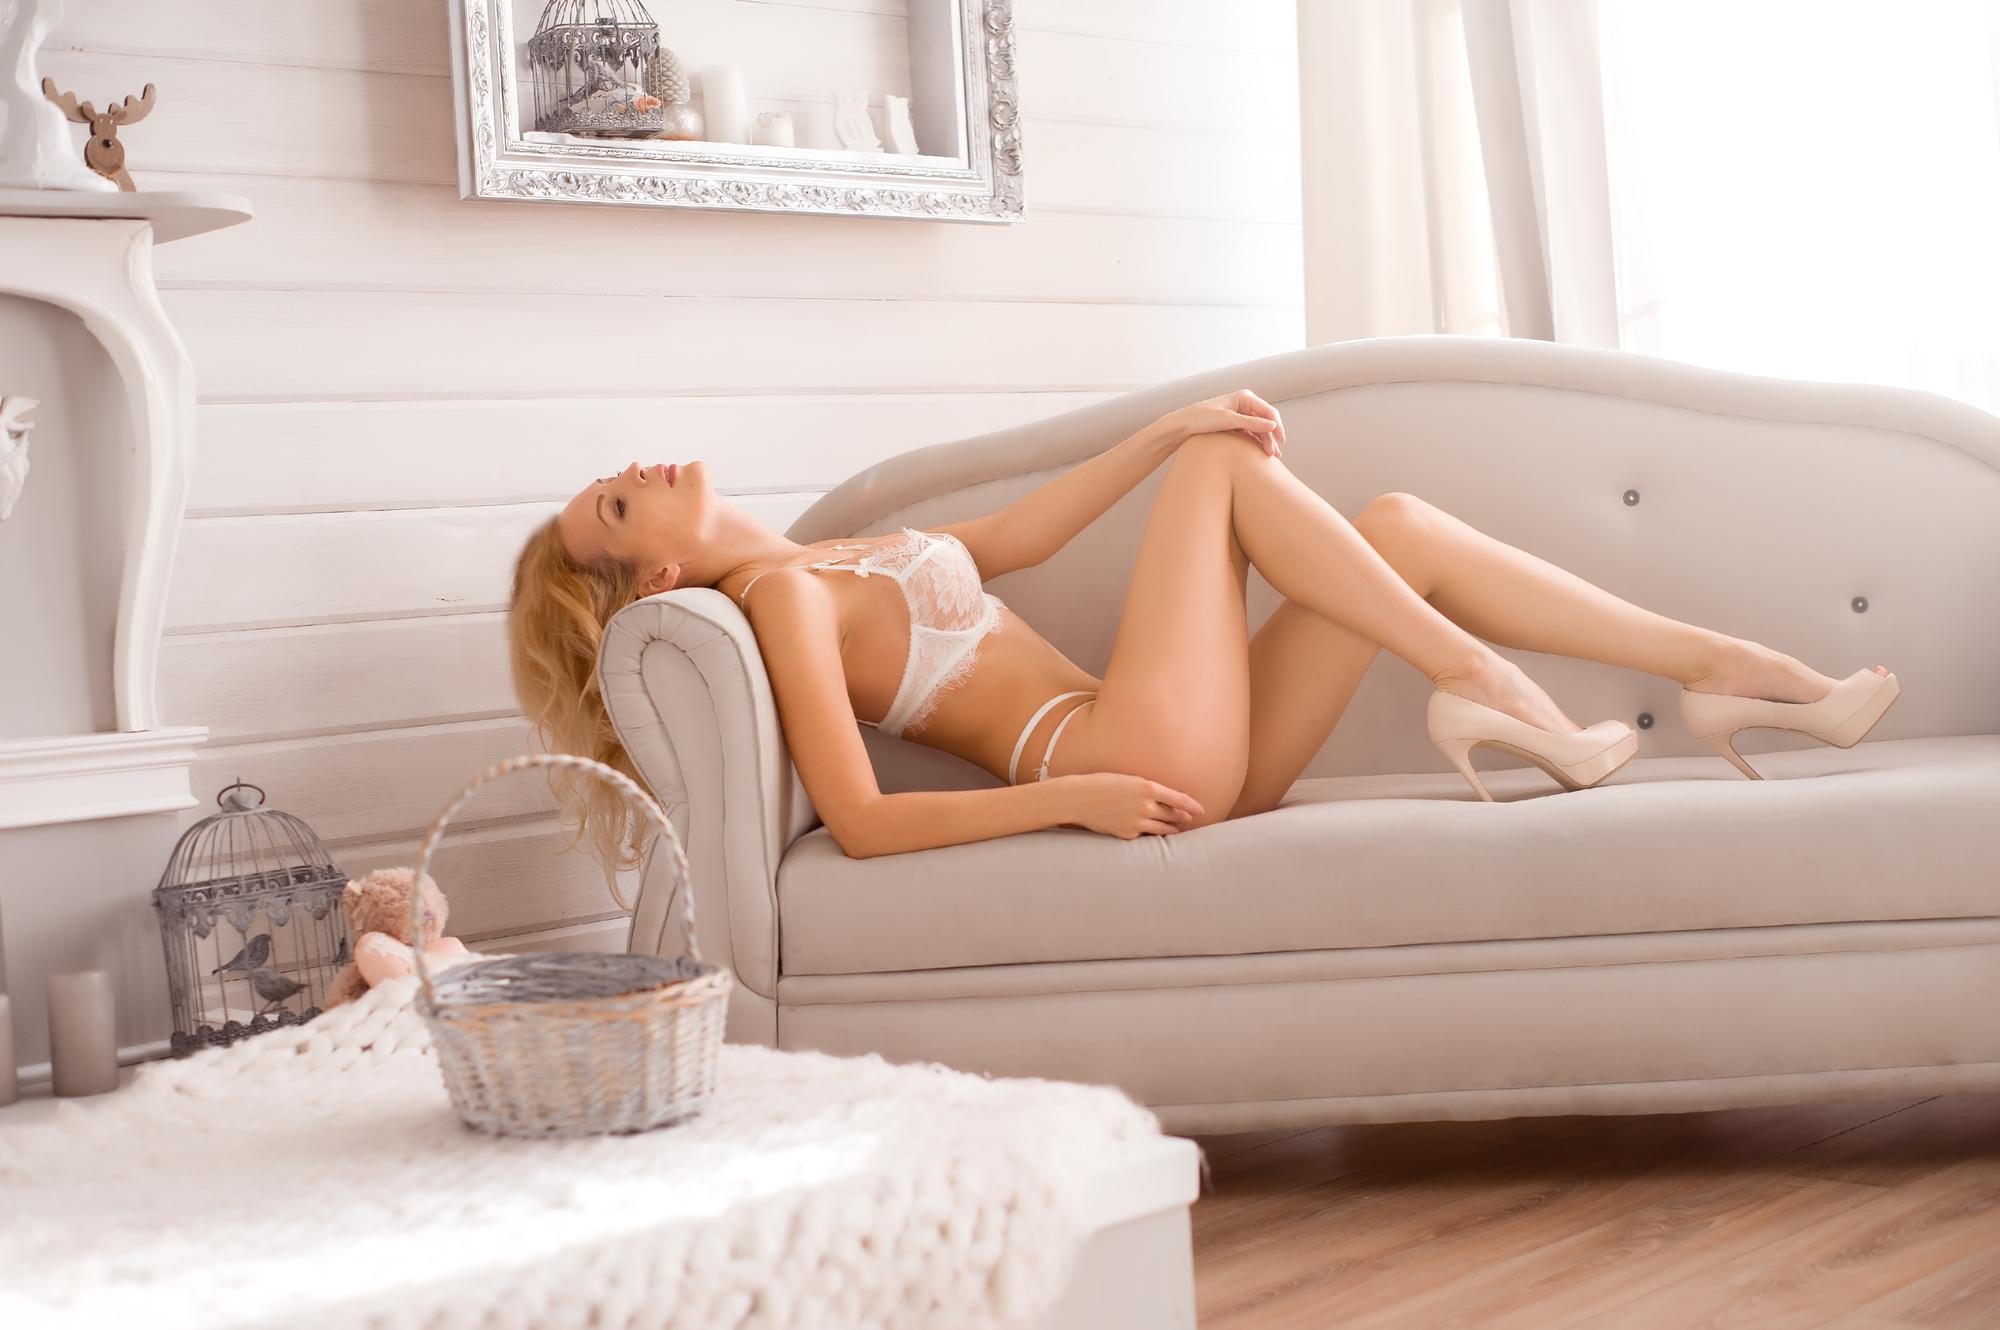 ソファの上で寝る女性